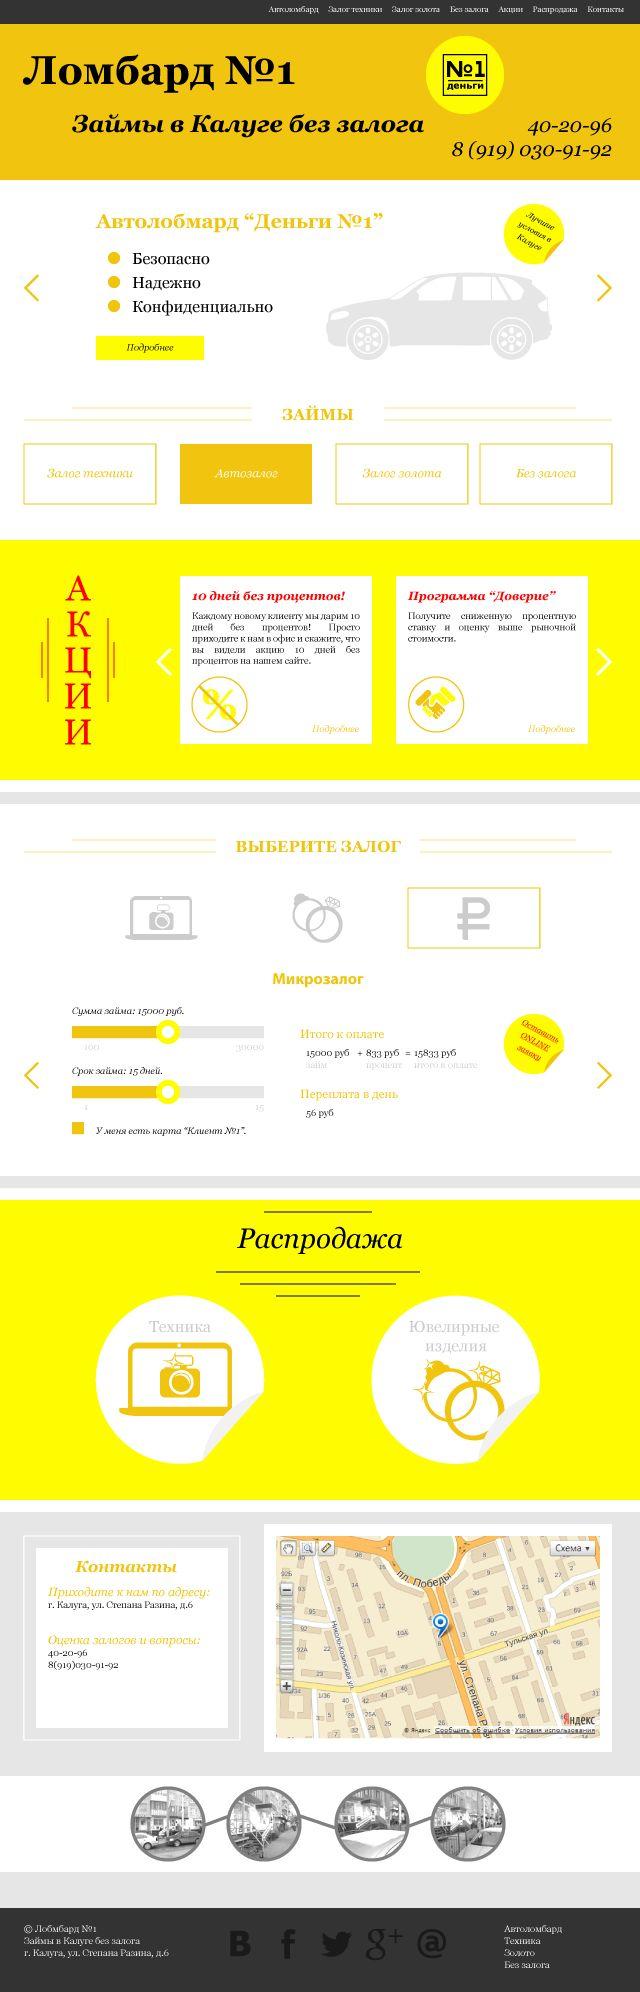 Дизайн главной страницы сайта Ломбард №1 - дизайнер Lena_Vdovina